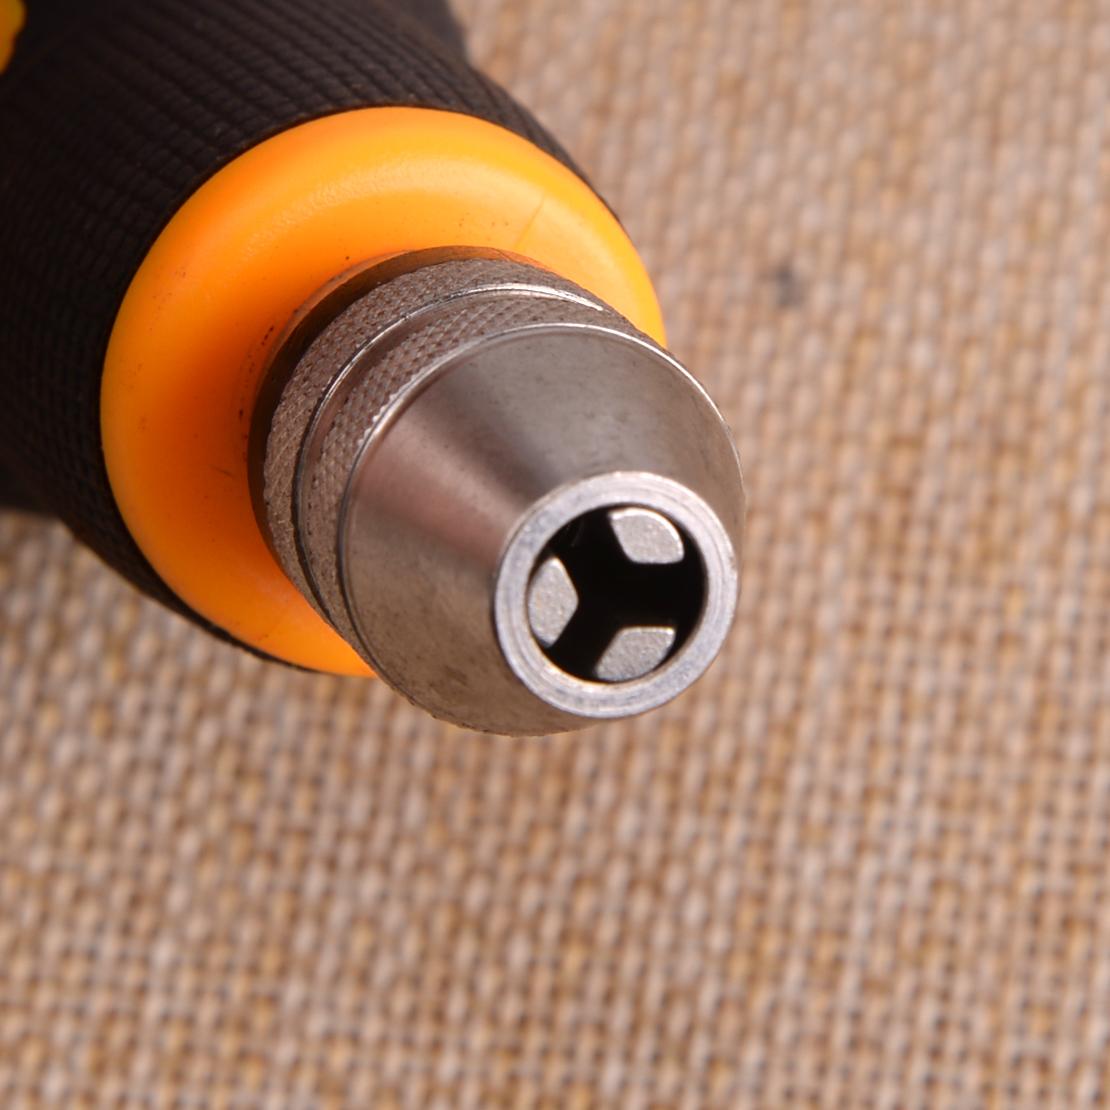 10pcs 2.25 mm Mini Micro Twist Drill Bit Pro ABBOTT